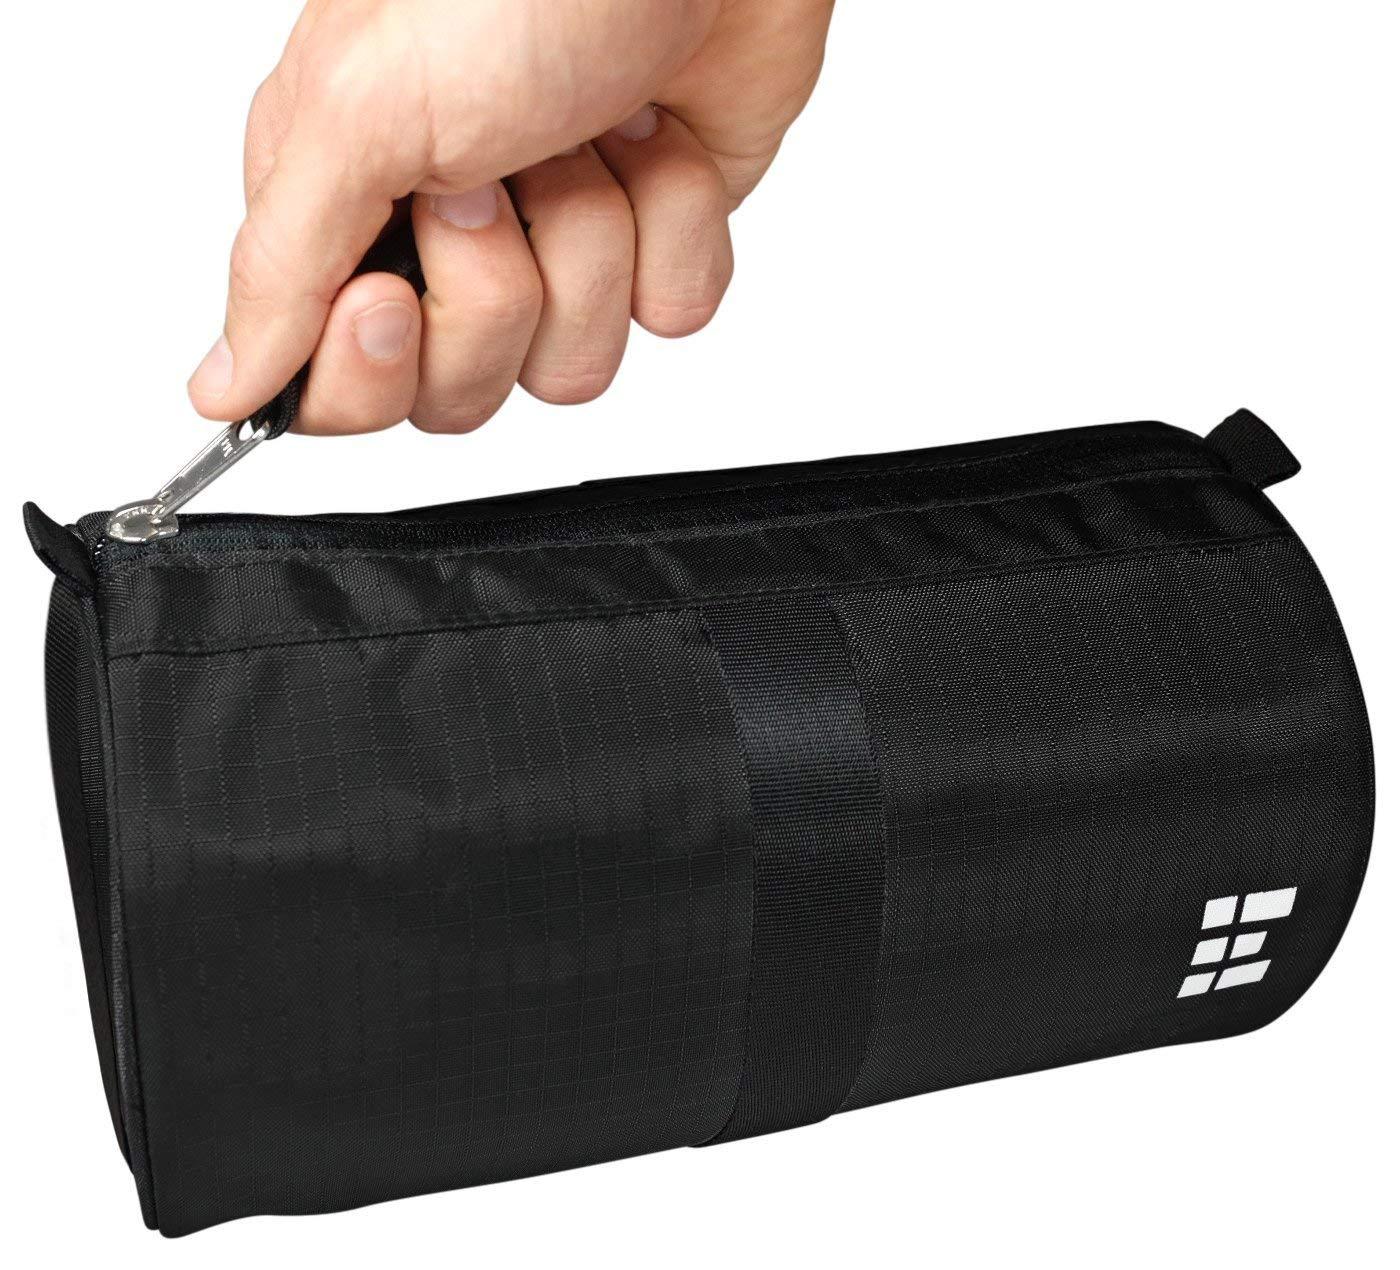 Zero Grid Travel Dopp Bag - Toiletry Kit for Men, Black